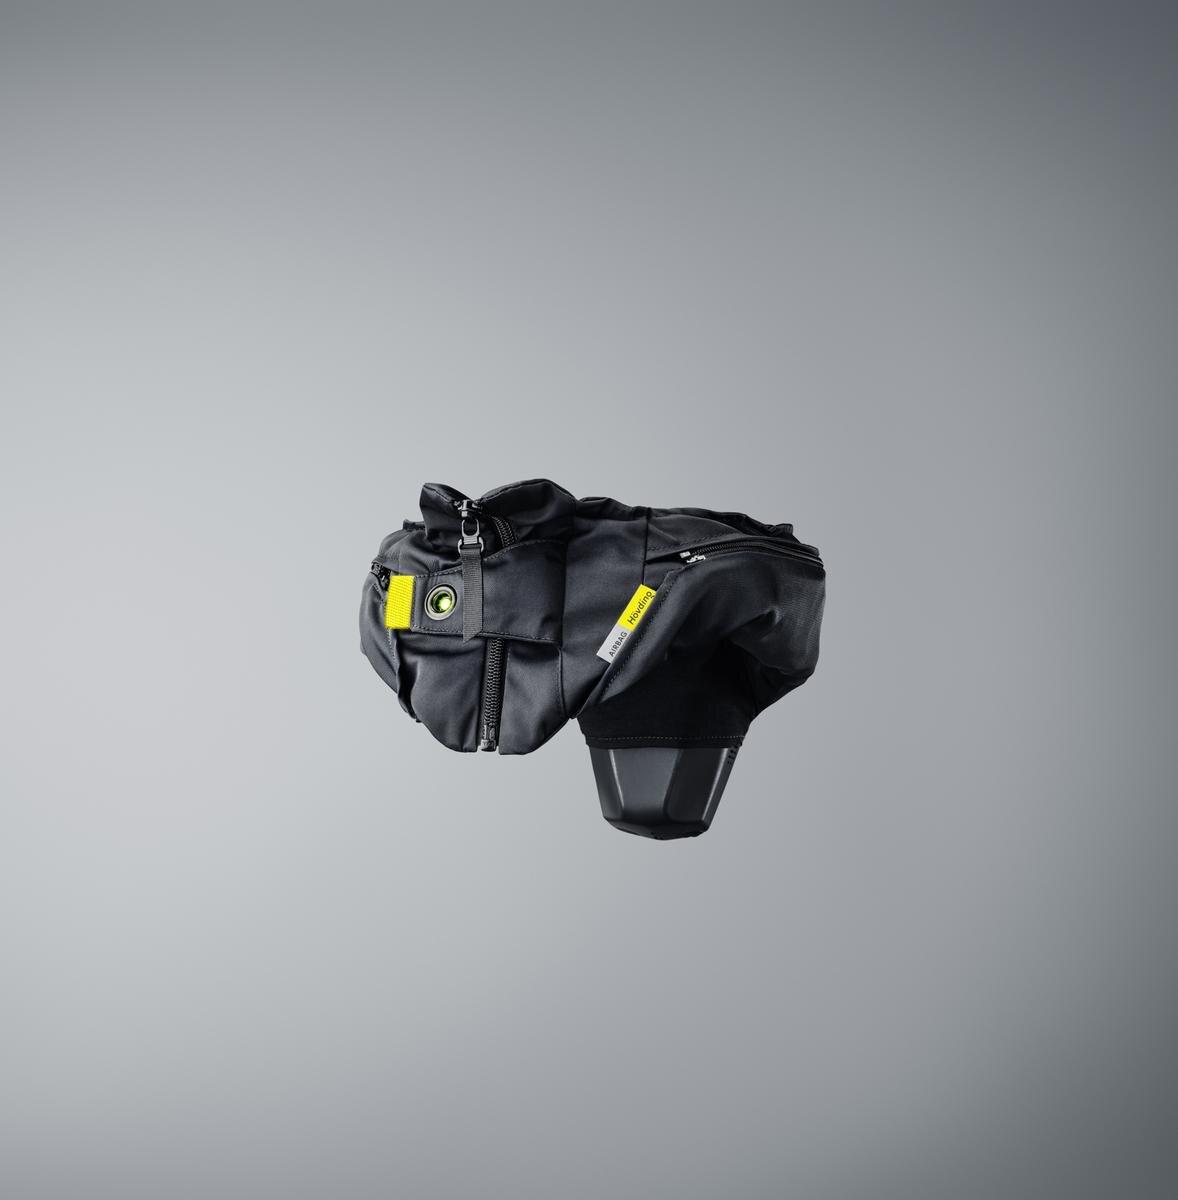 Hövding 3-Visual Atelier 8-Technology-3.jpeg